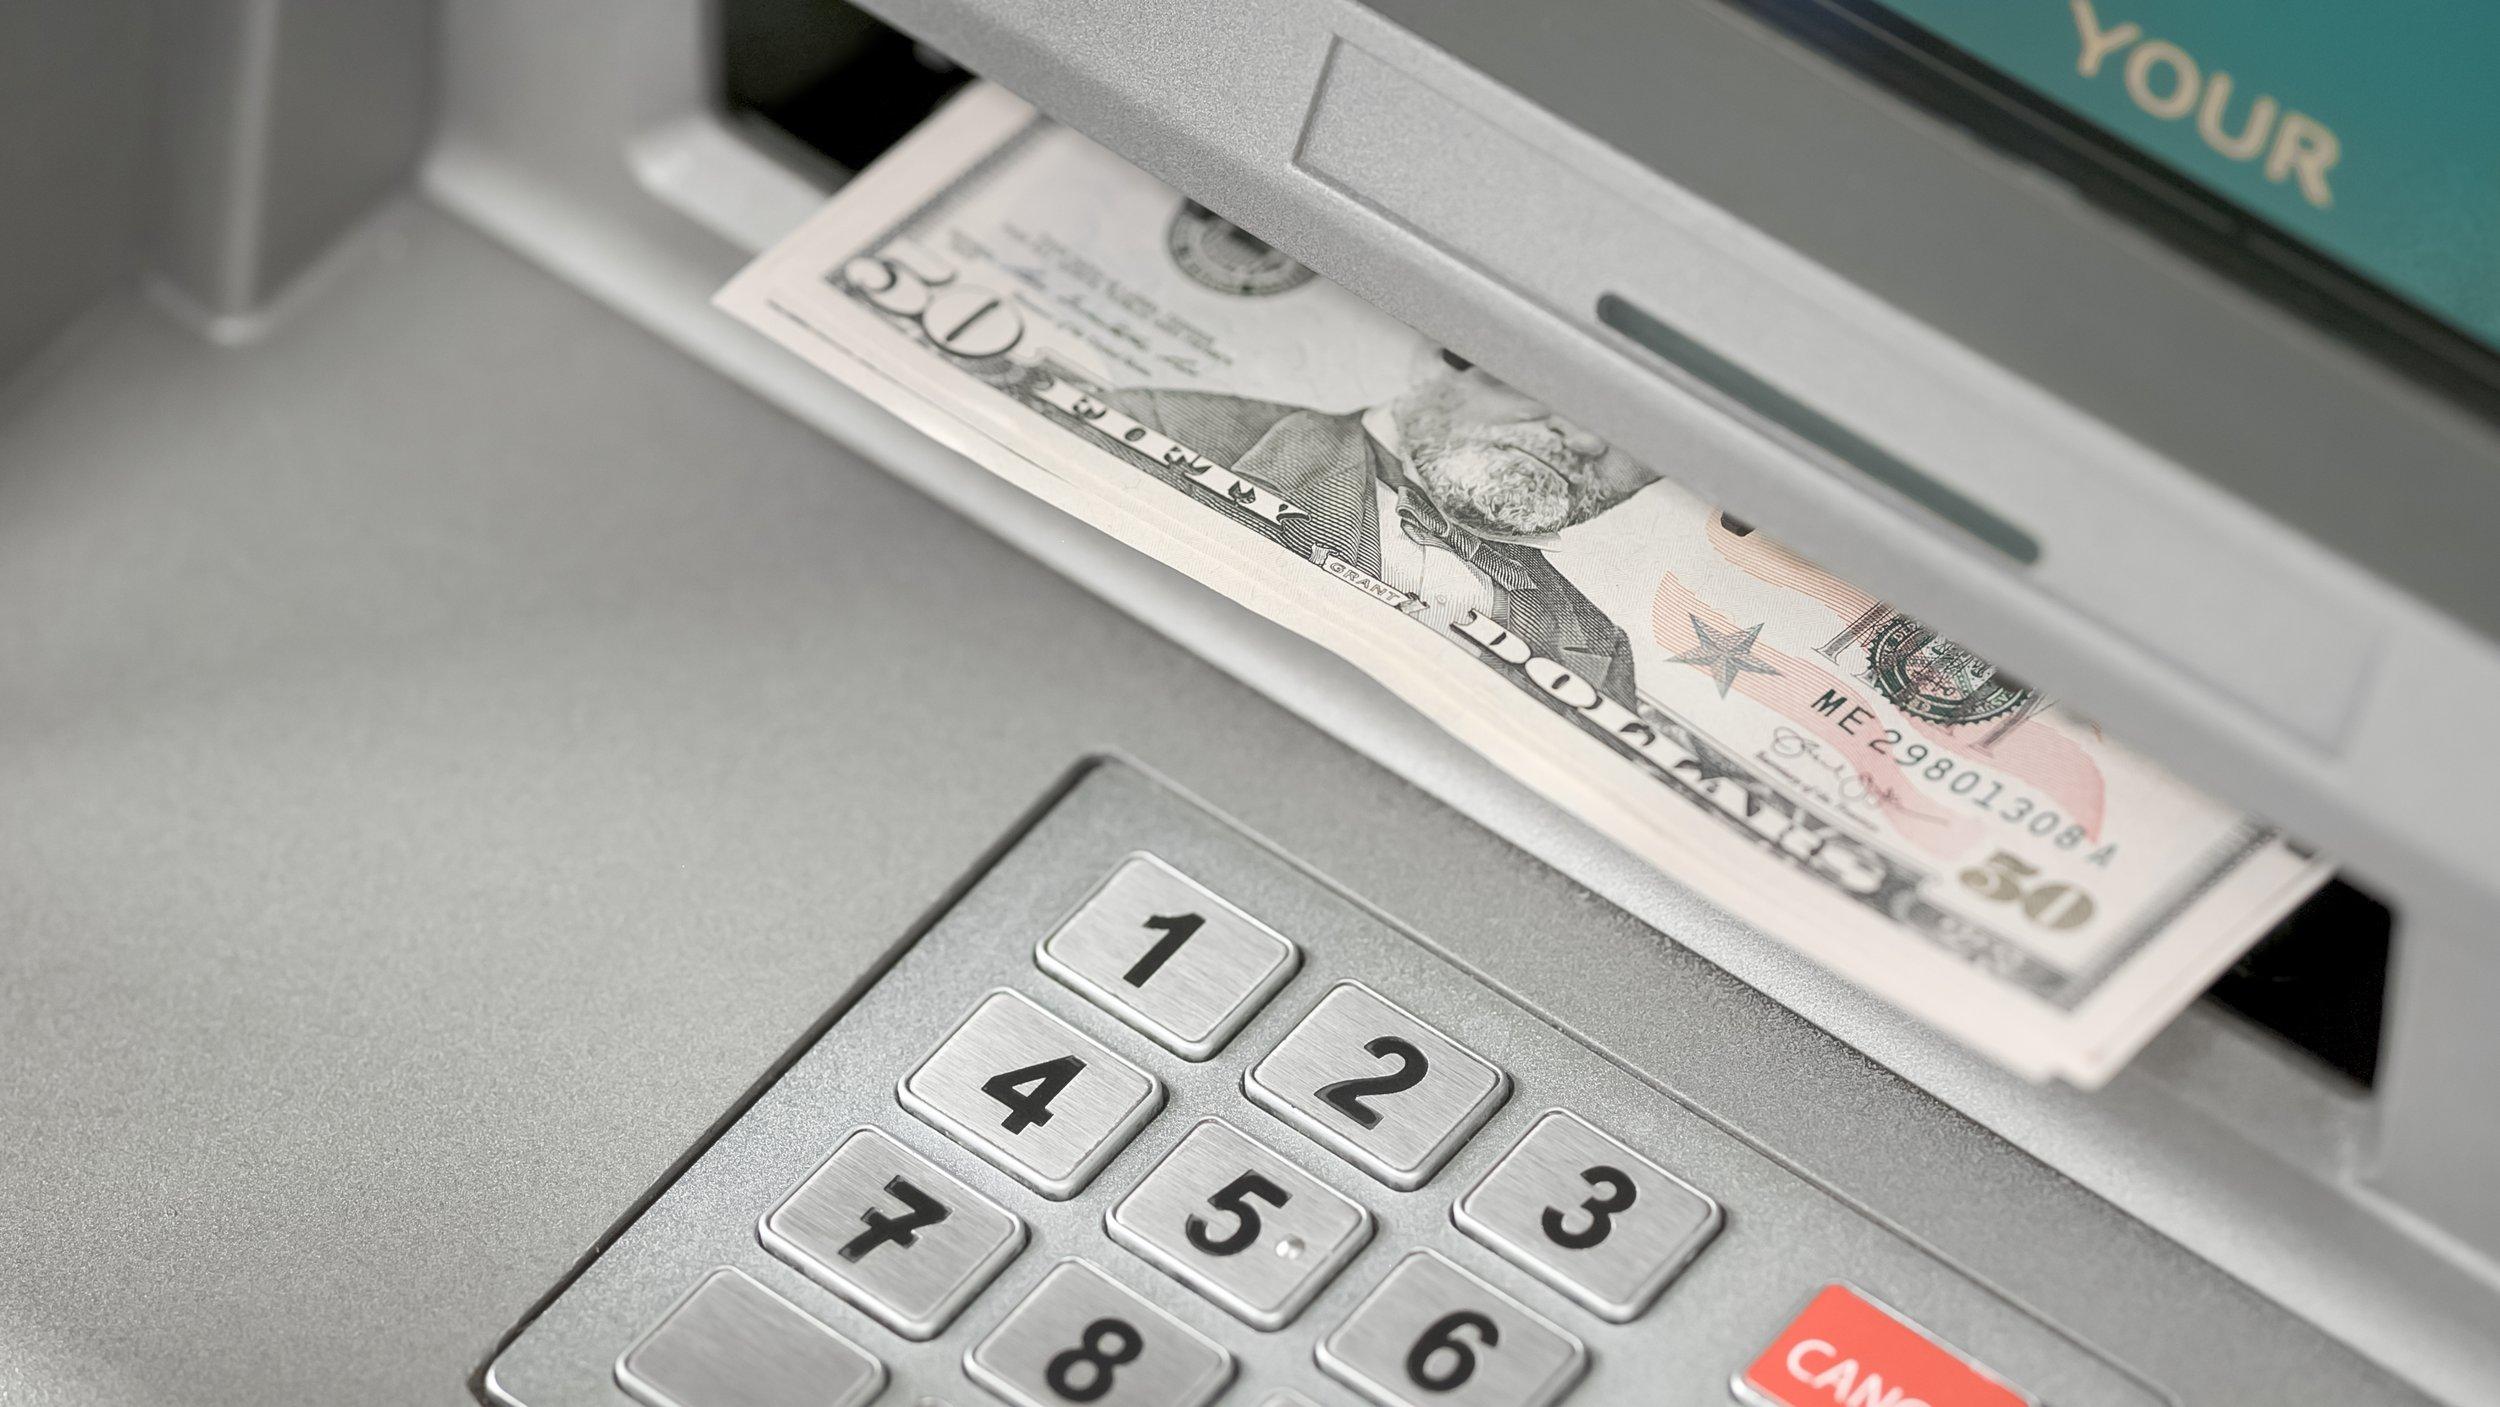 Privredna Banka Zagreb ATM | Varaždin | Supernova